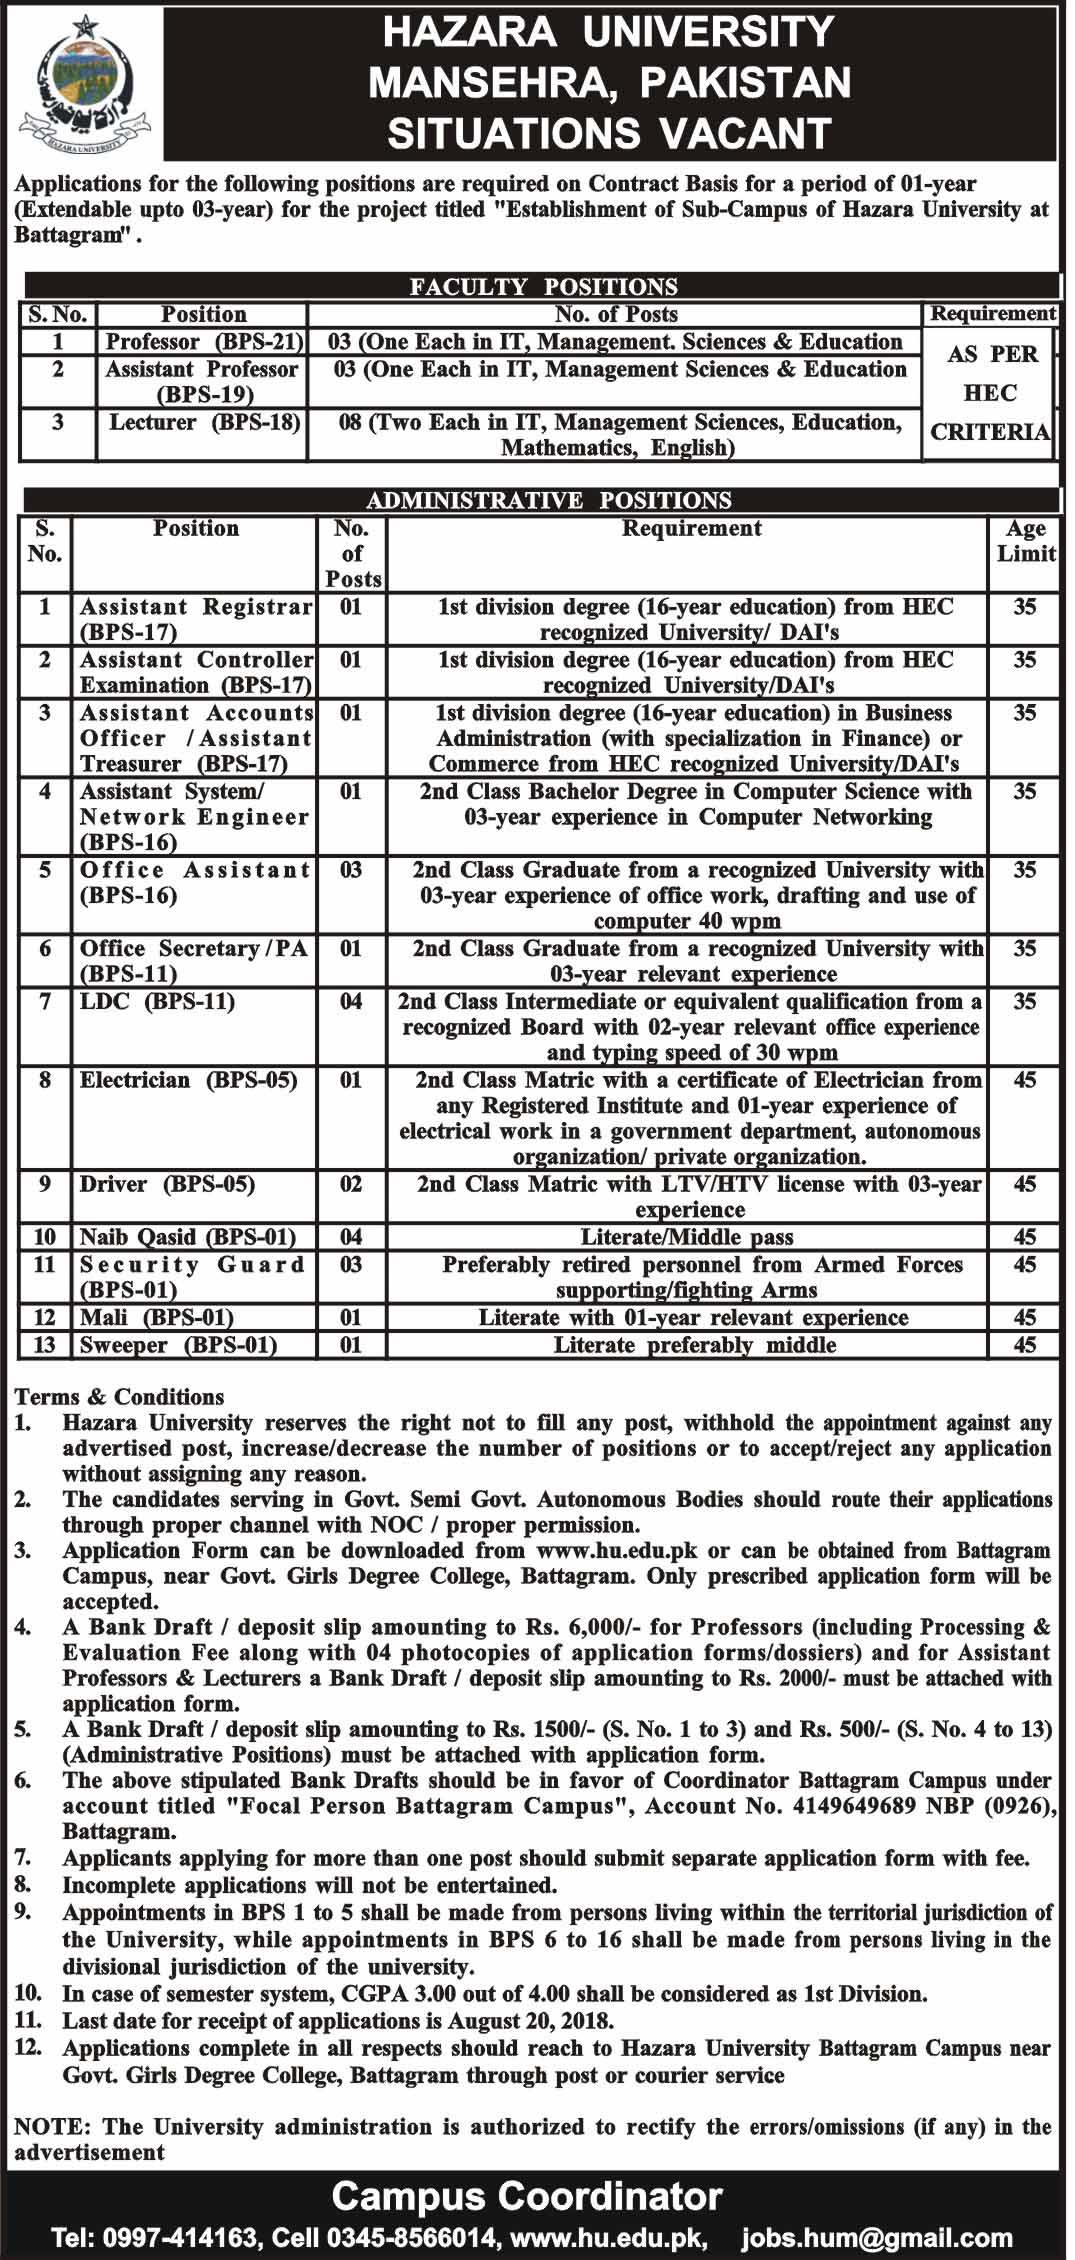 hazara university mansehra latest jobs 2018 kpk pakistan